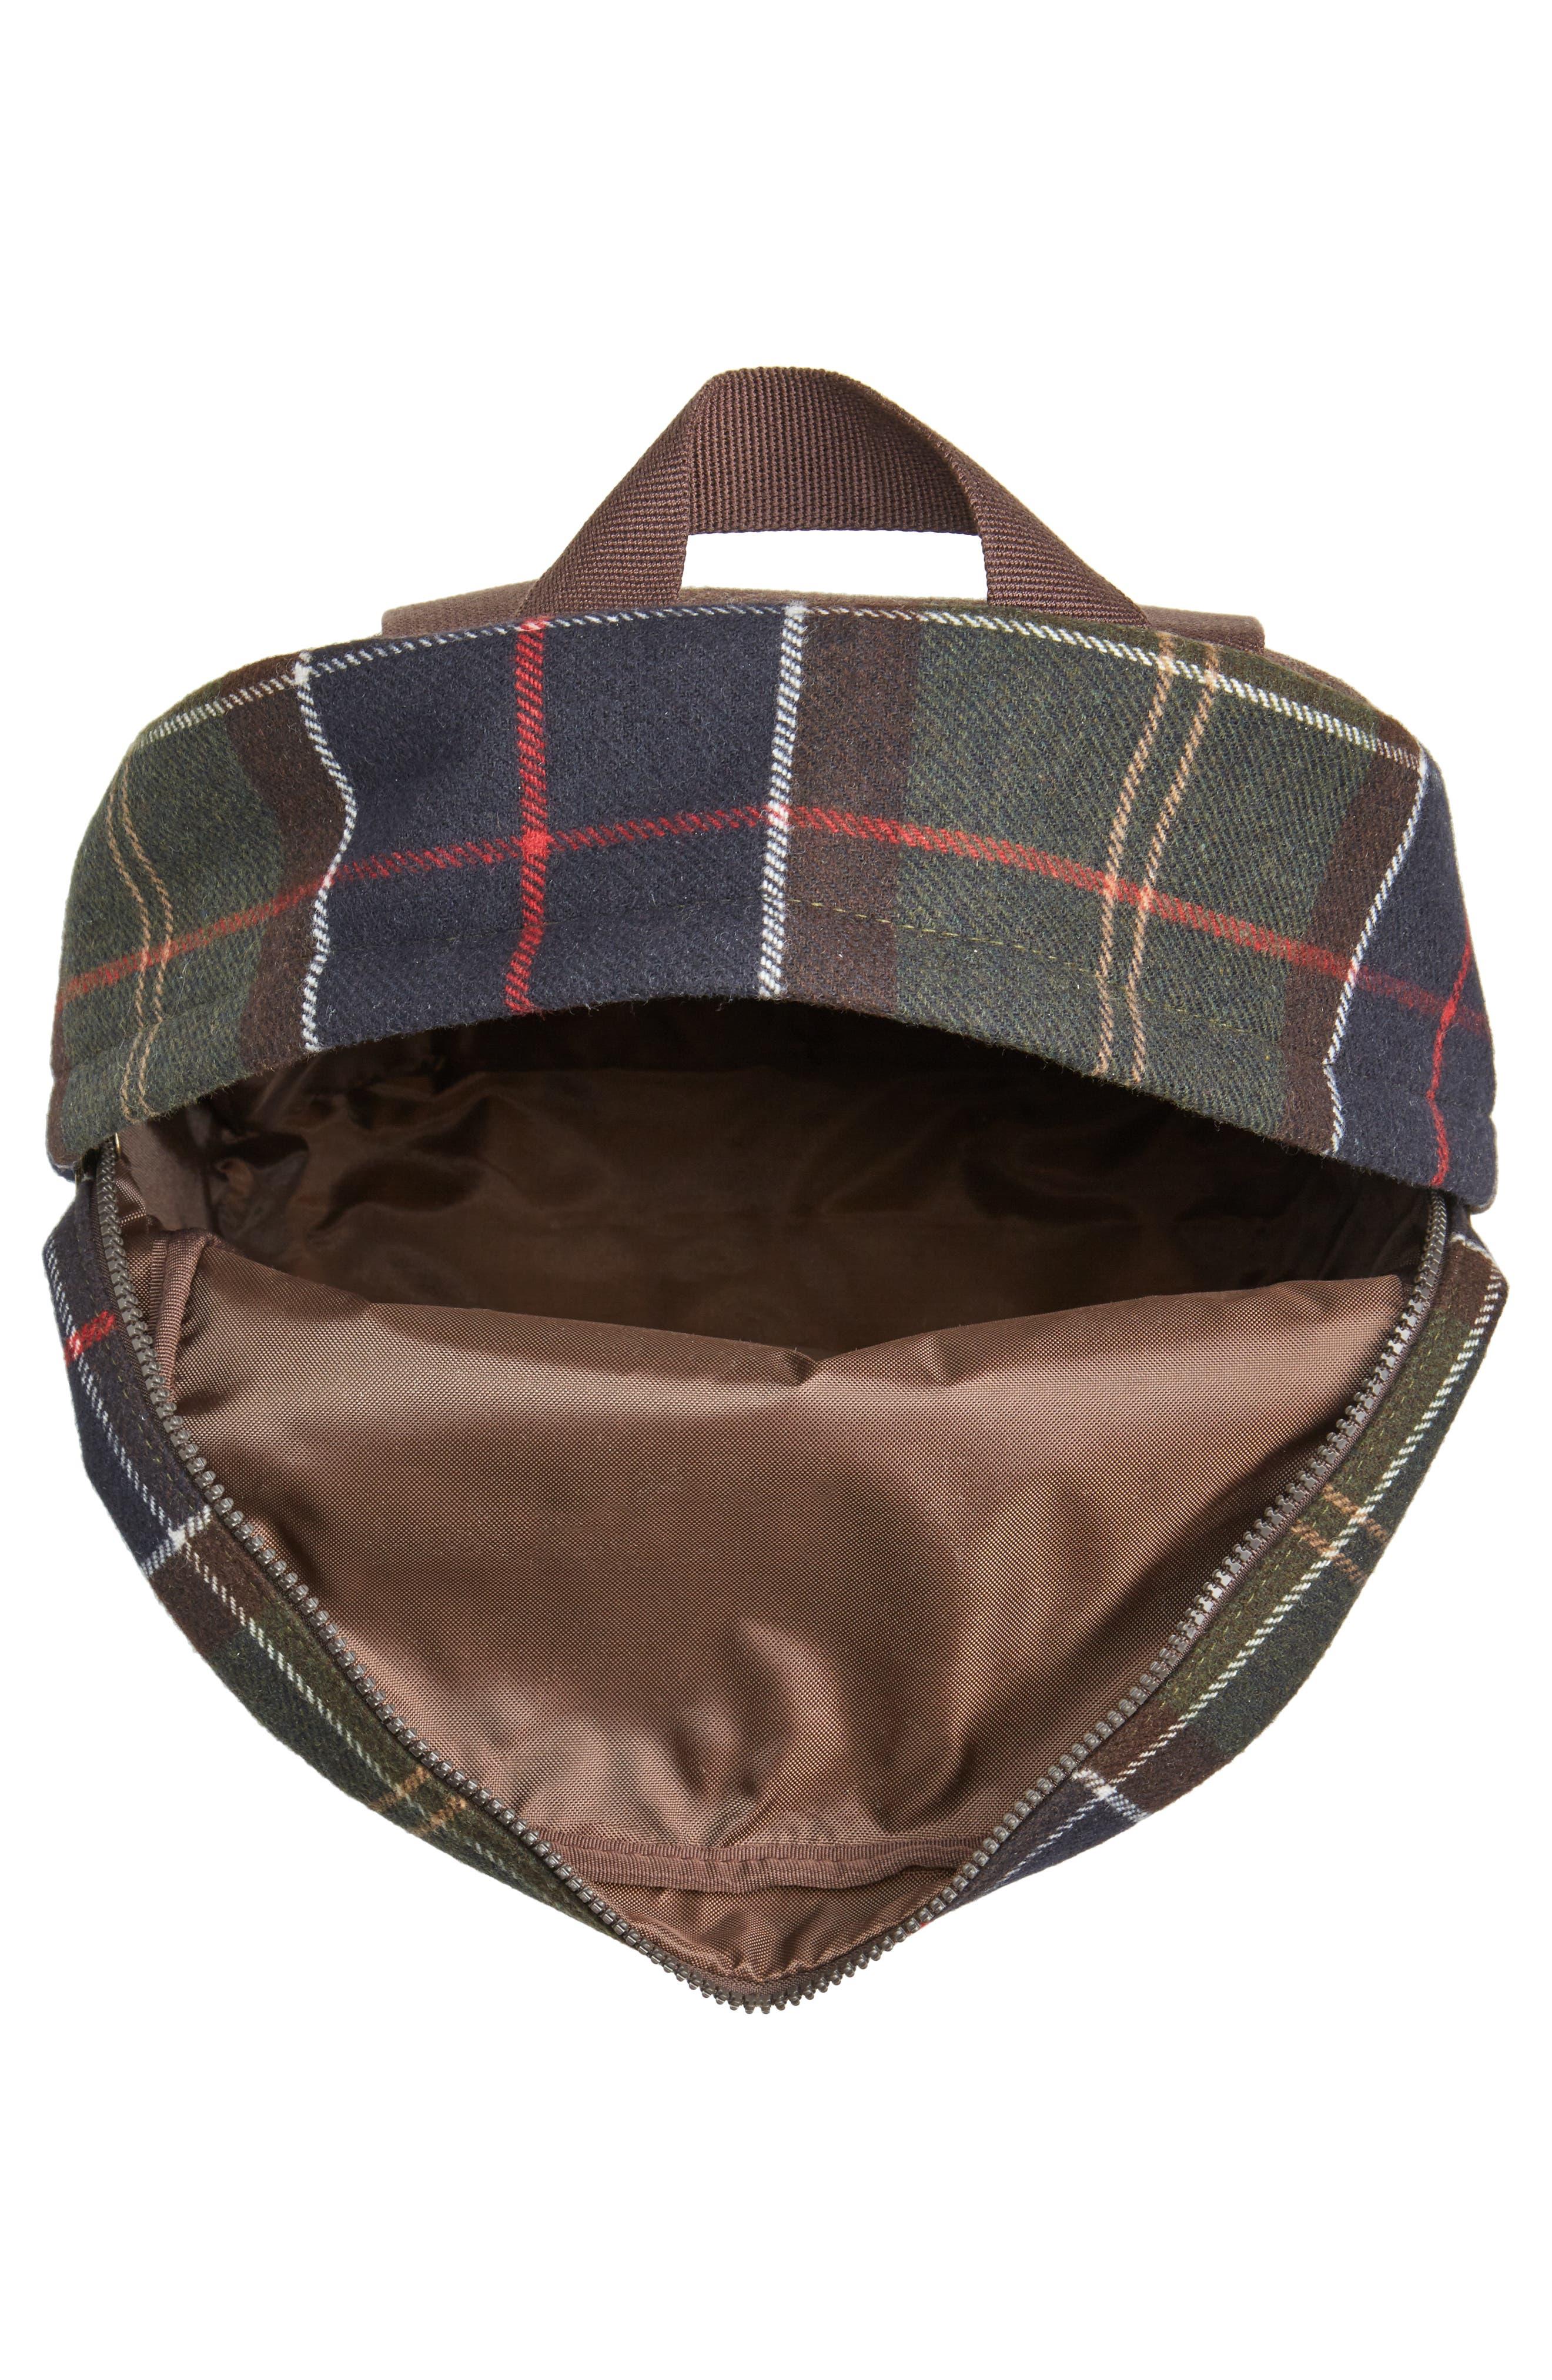 Carrbridge Backpack,                             Alternate thumbnail 4, color,                             300